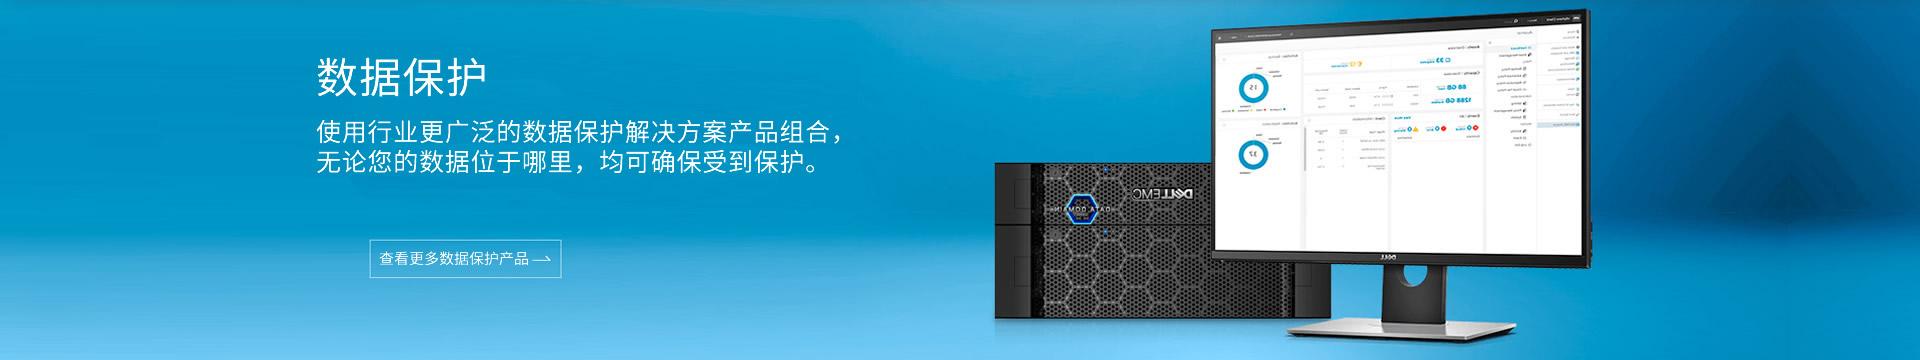 上海dell服务器代理商